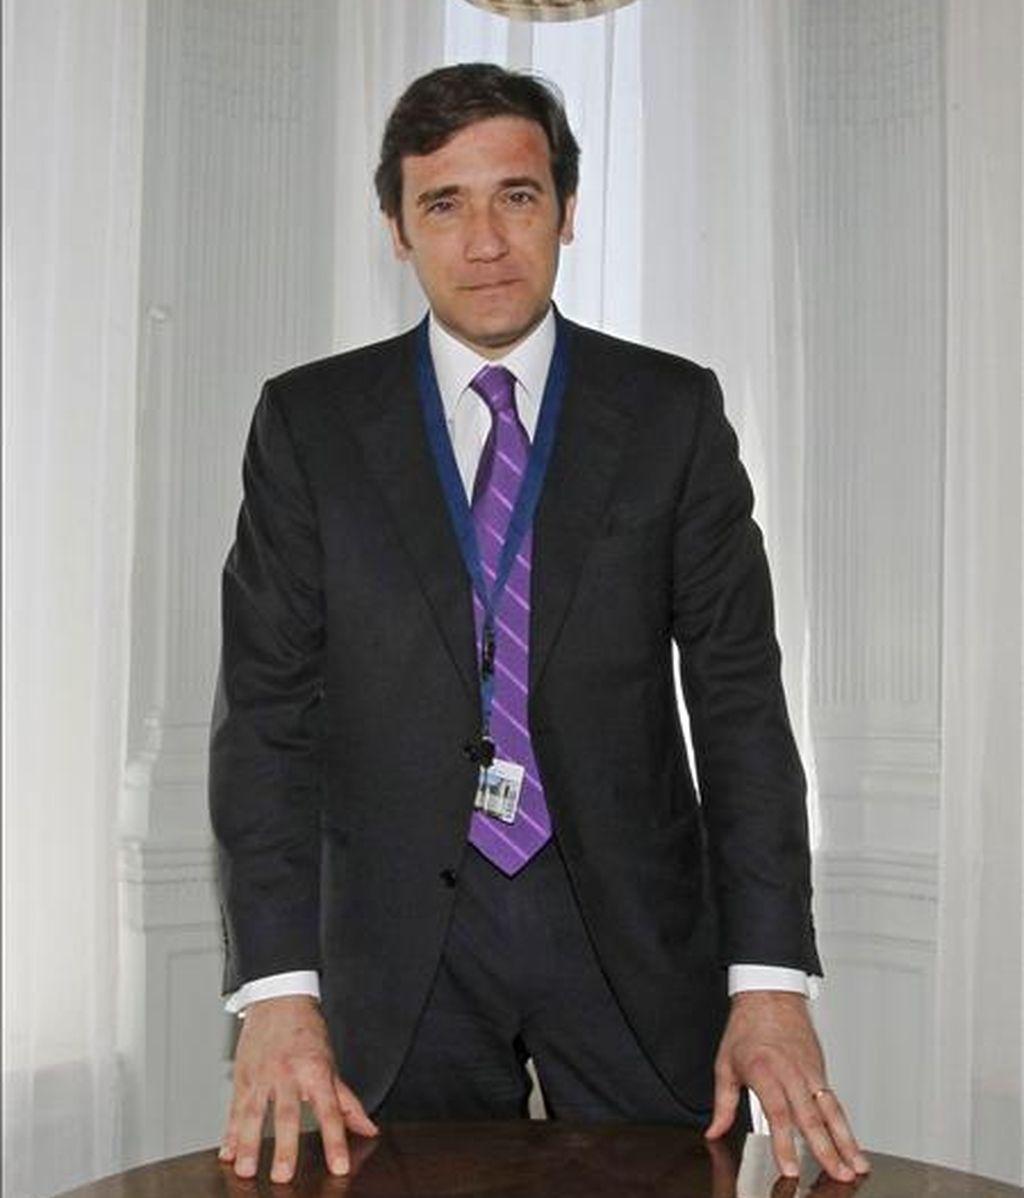 El presidente del Partido Social Democrata de Portugal y primer partido de la oposición, Pedro Passos Coelho. EFE/Archivo